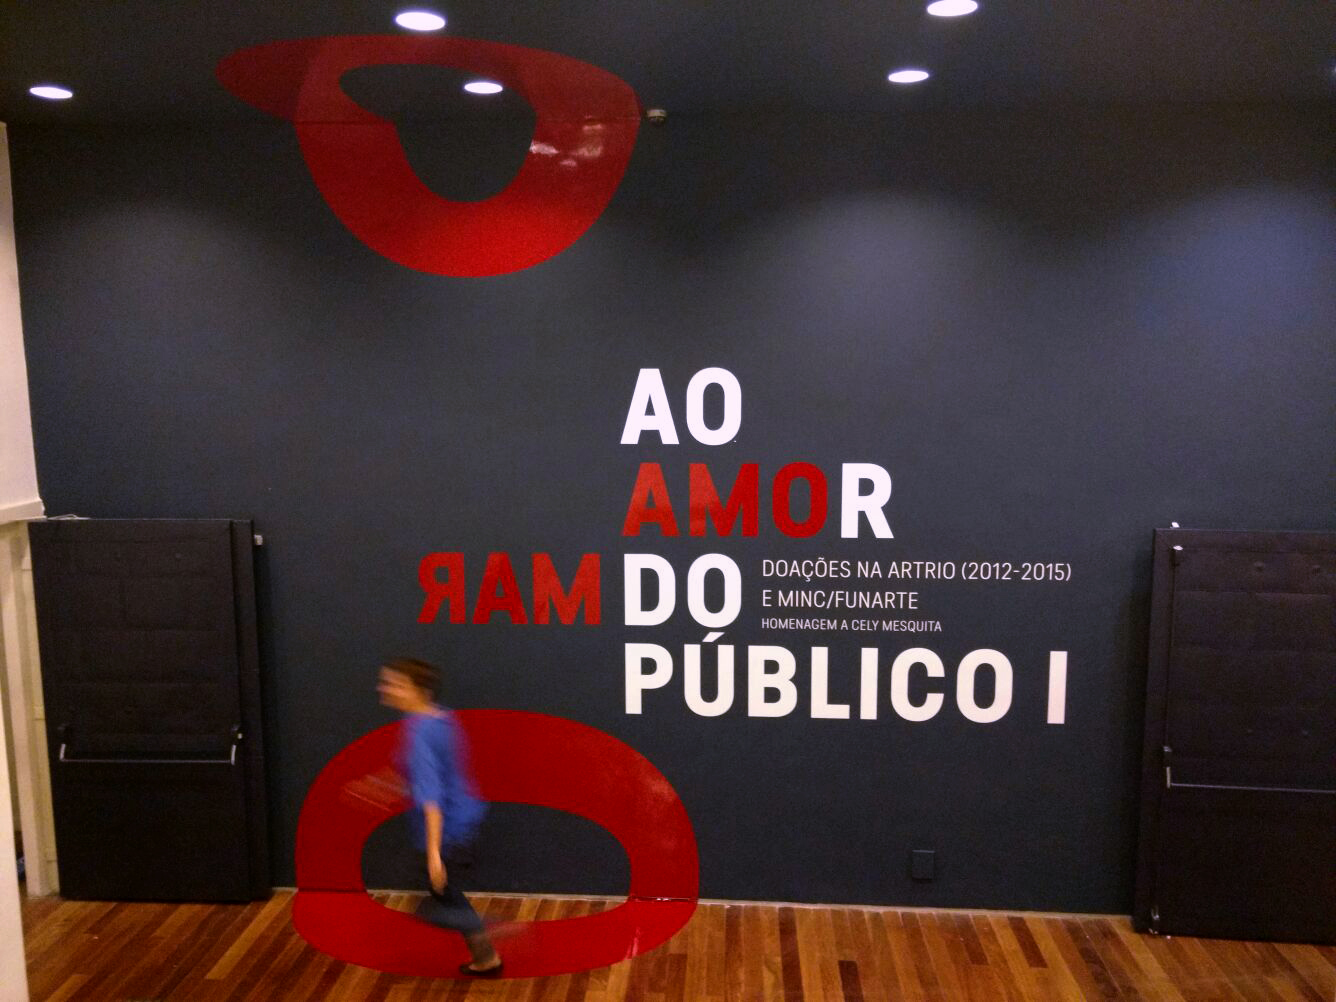 Museu de Arte do Rio - 2017